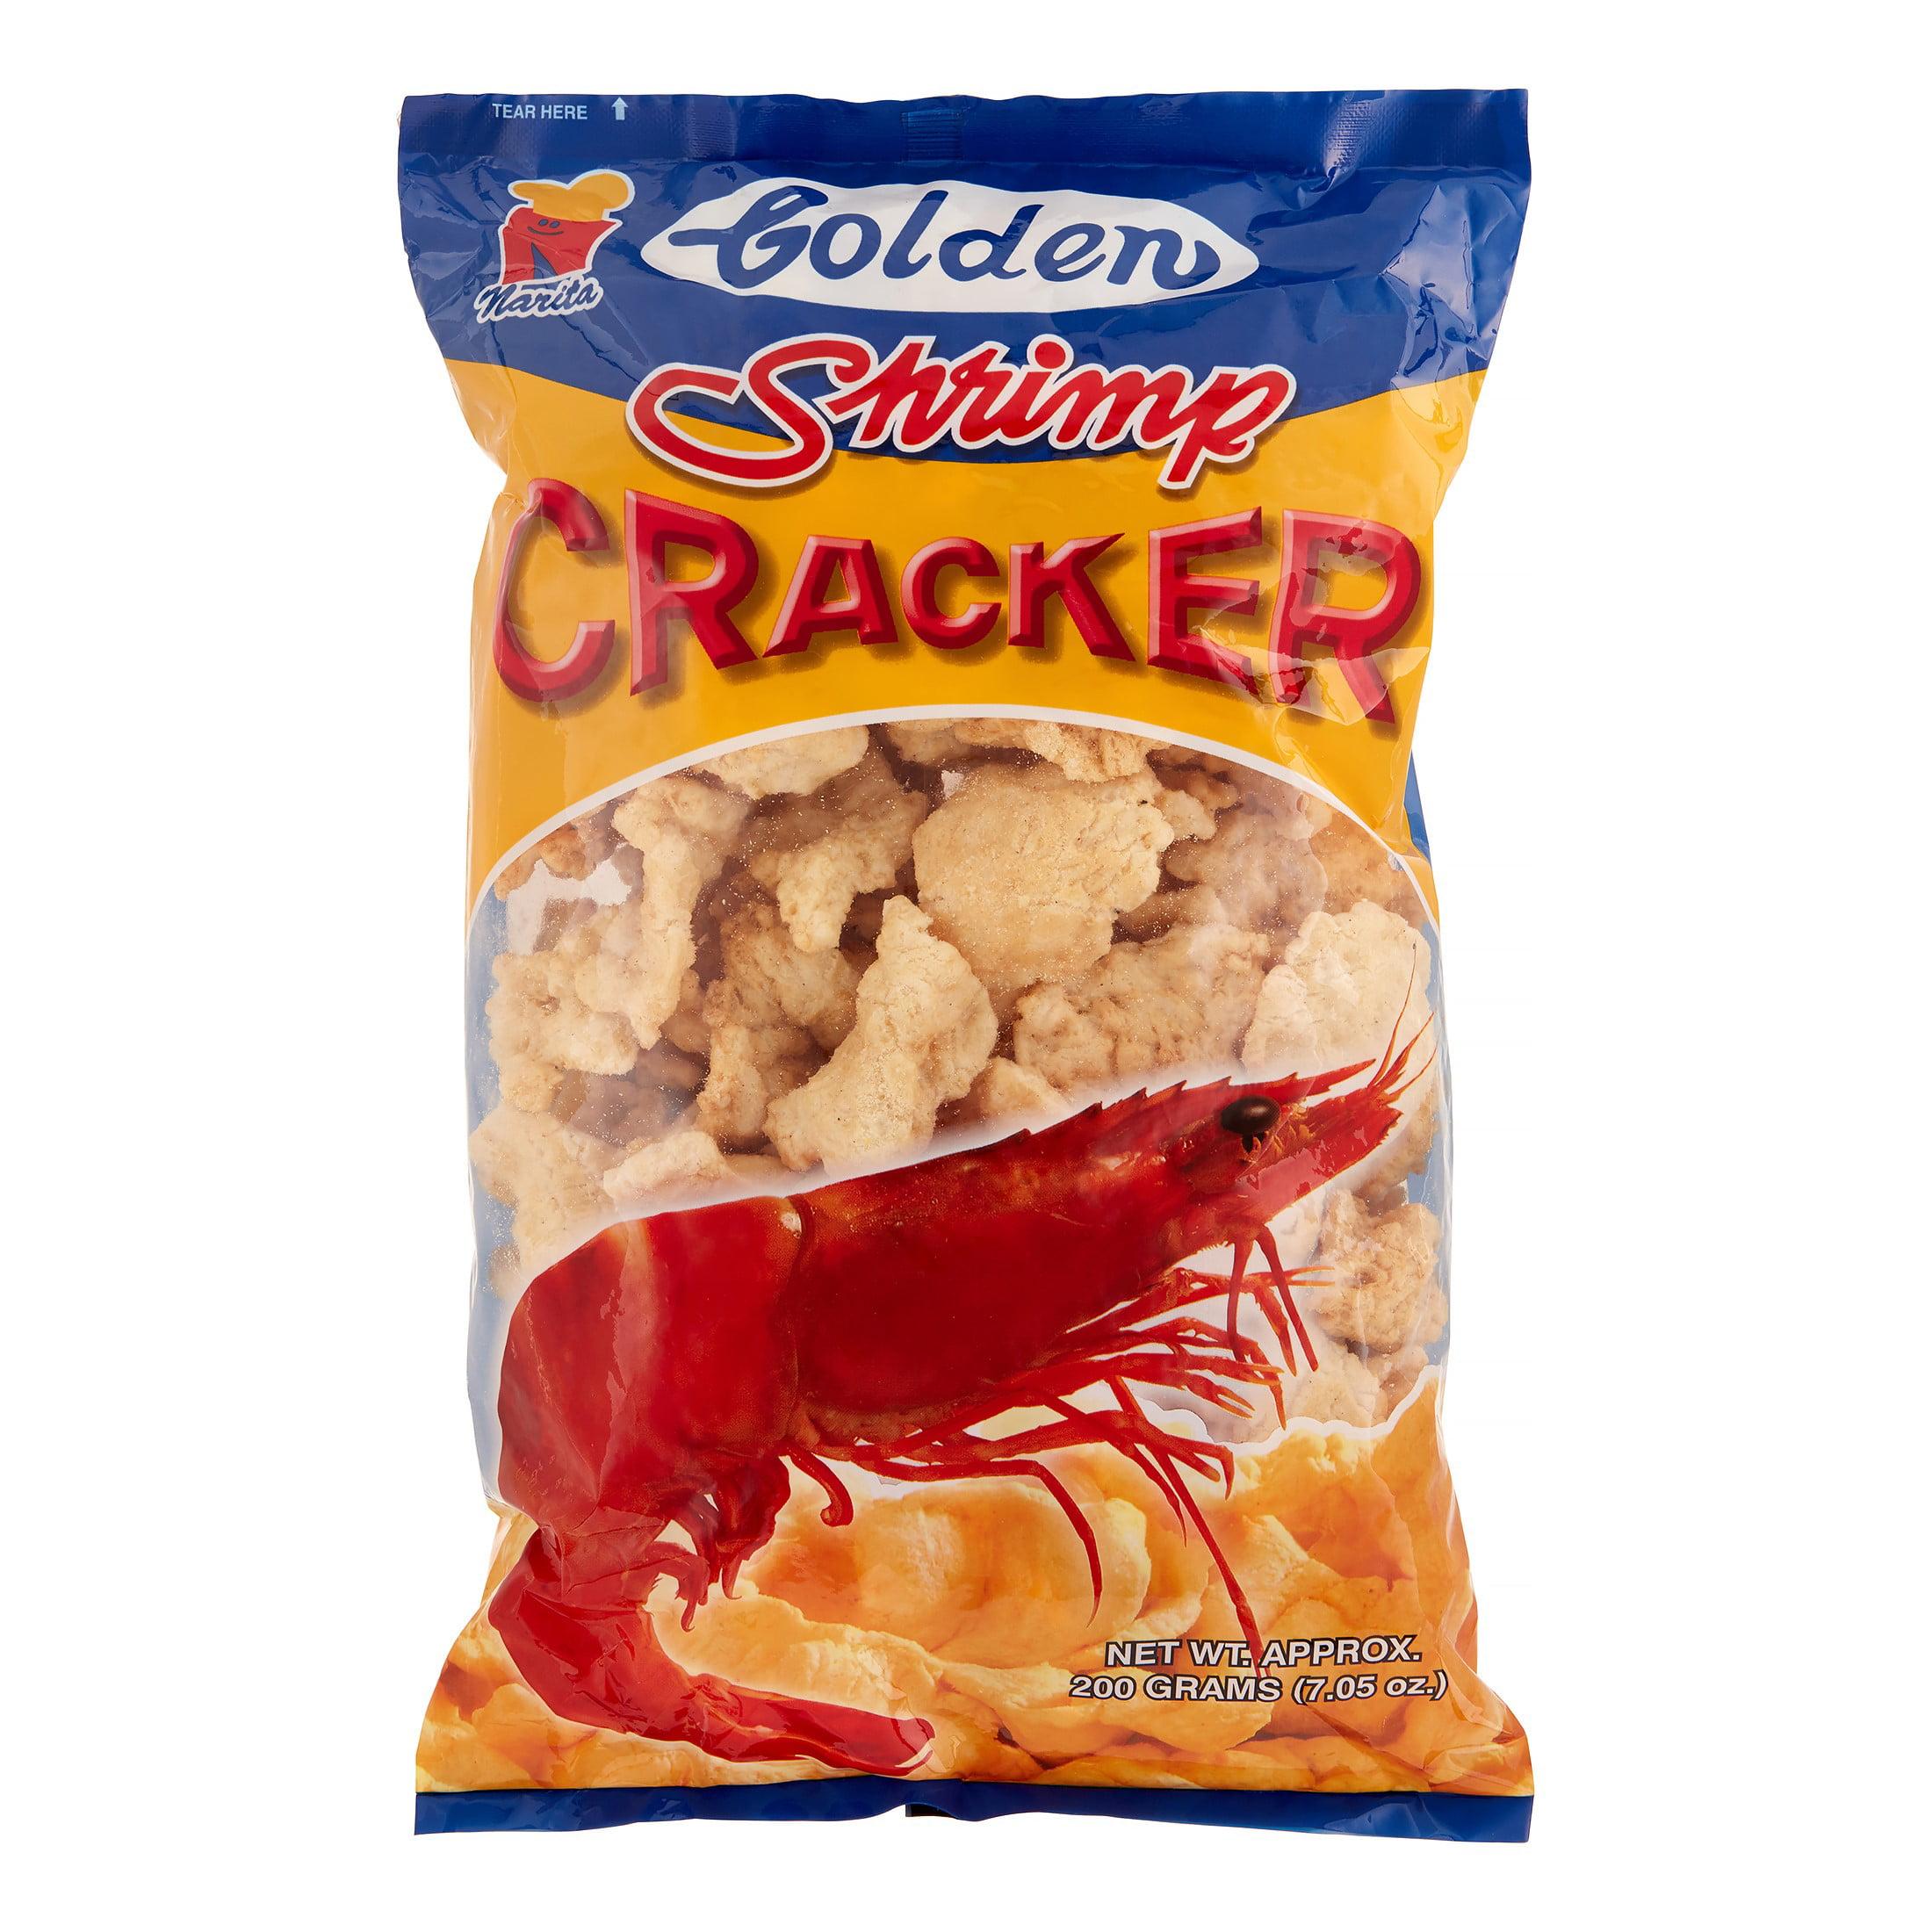 Golden Shrimp Cracker, 200 Gram by Golden